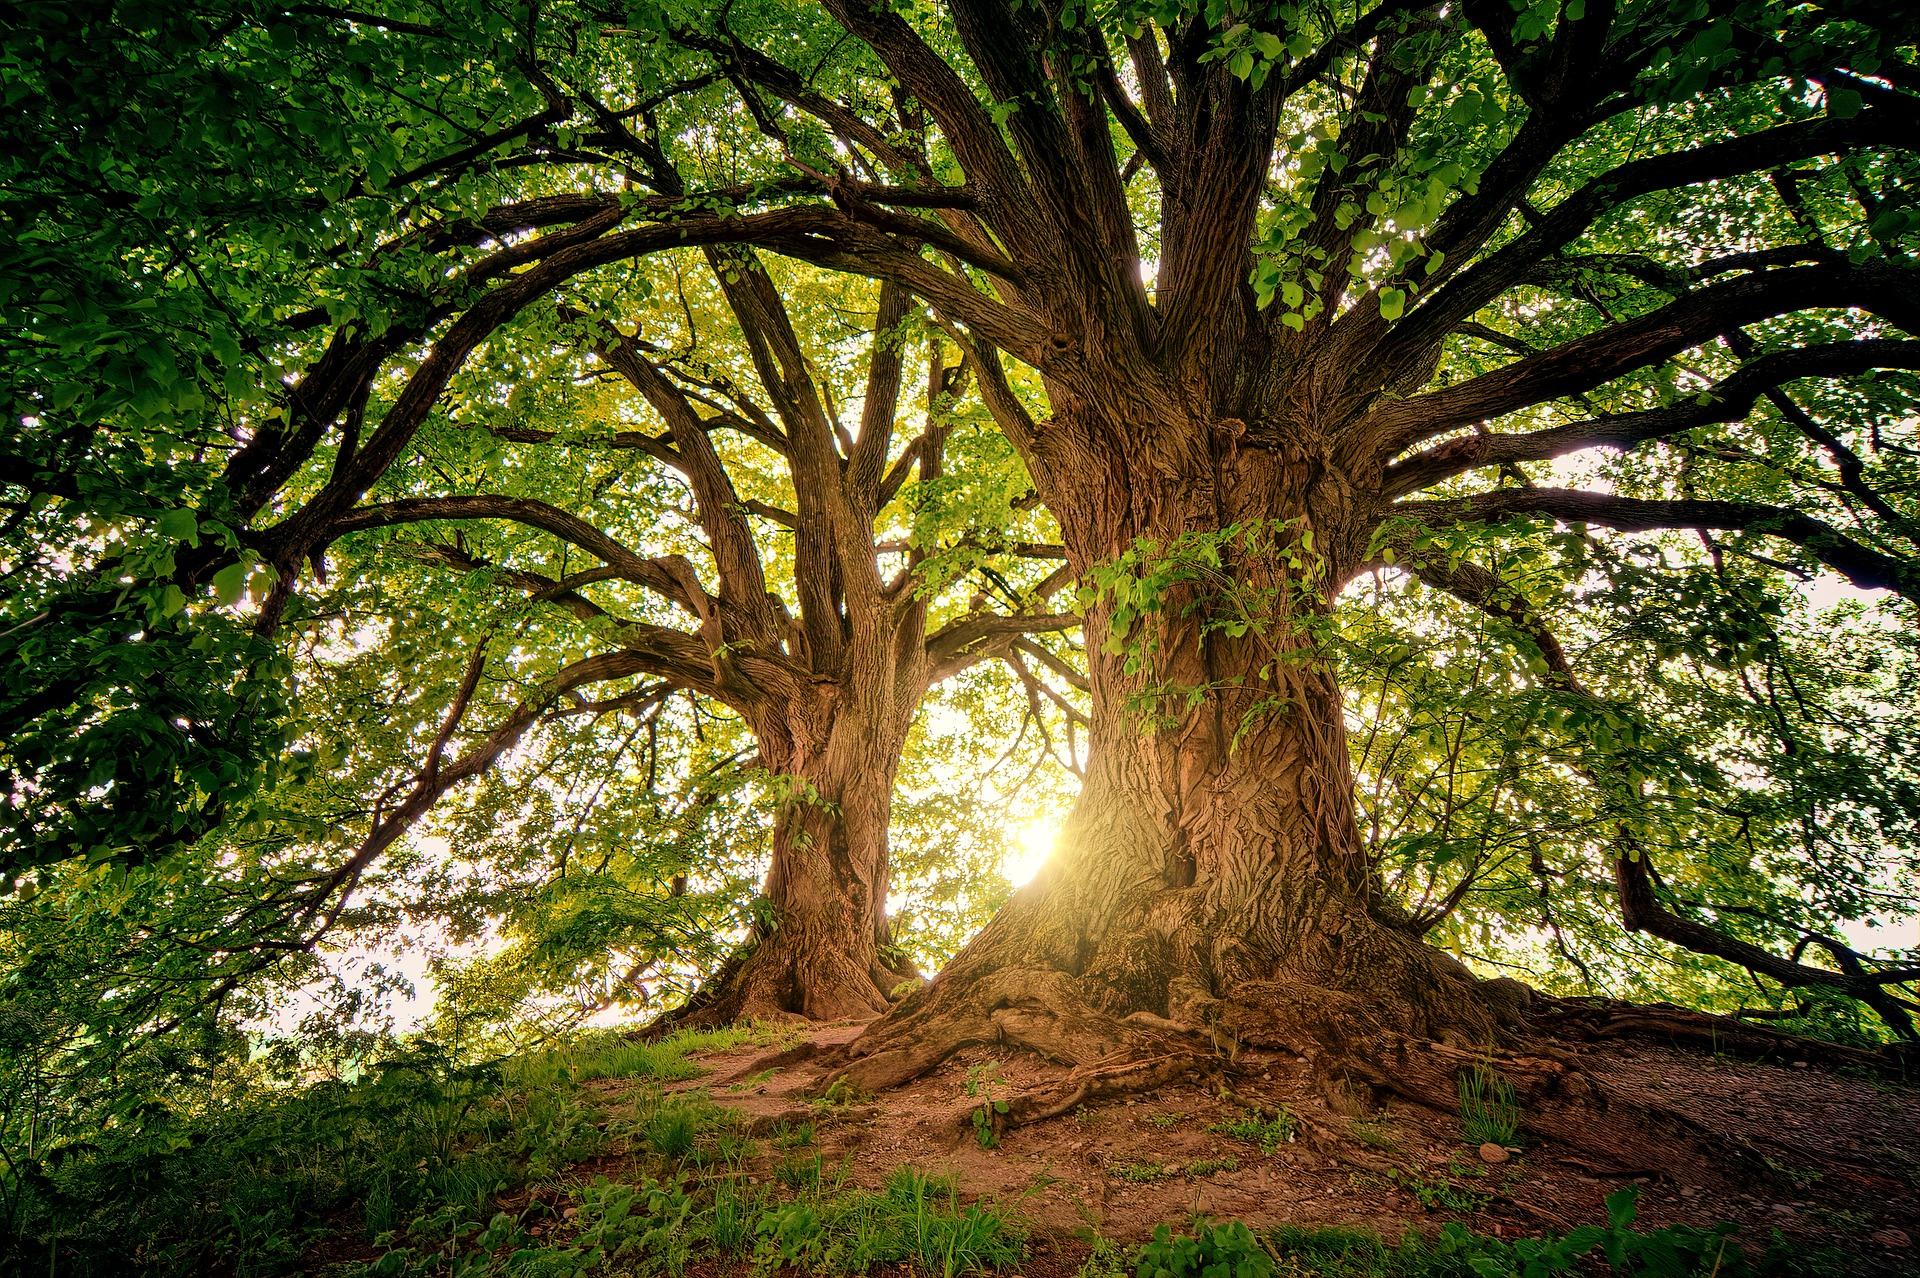 Sonnestrahlen scheinen durch den grünen Wald